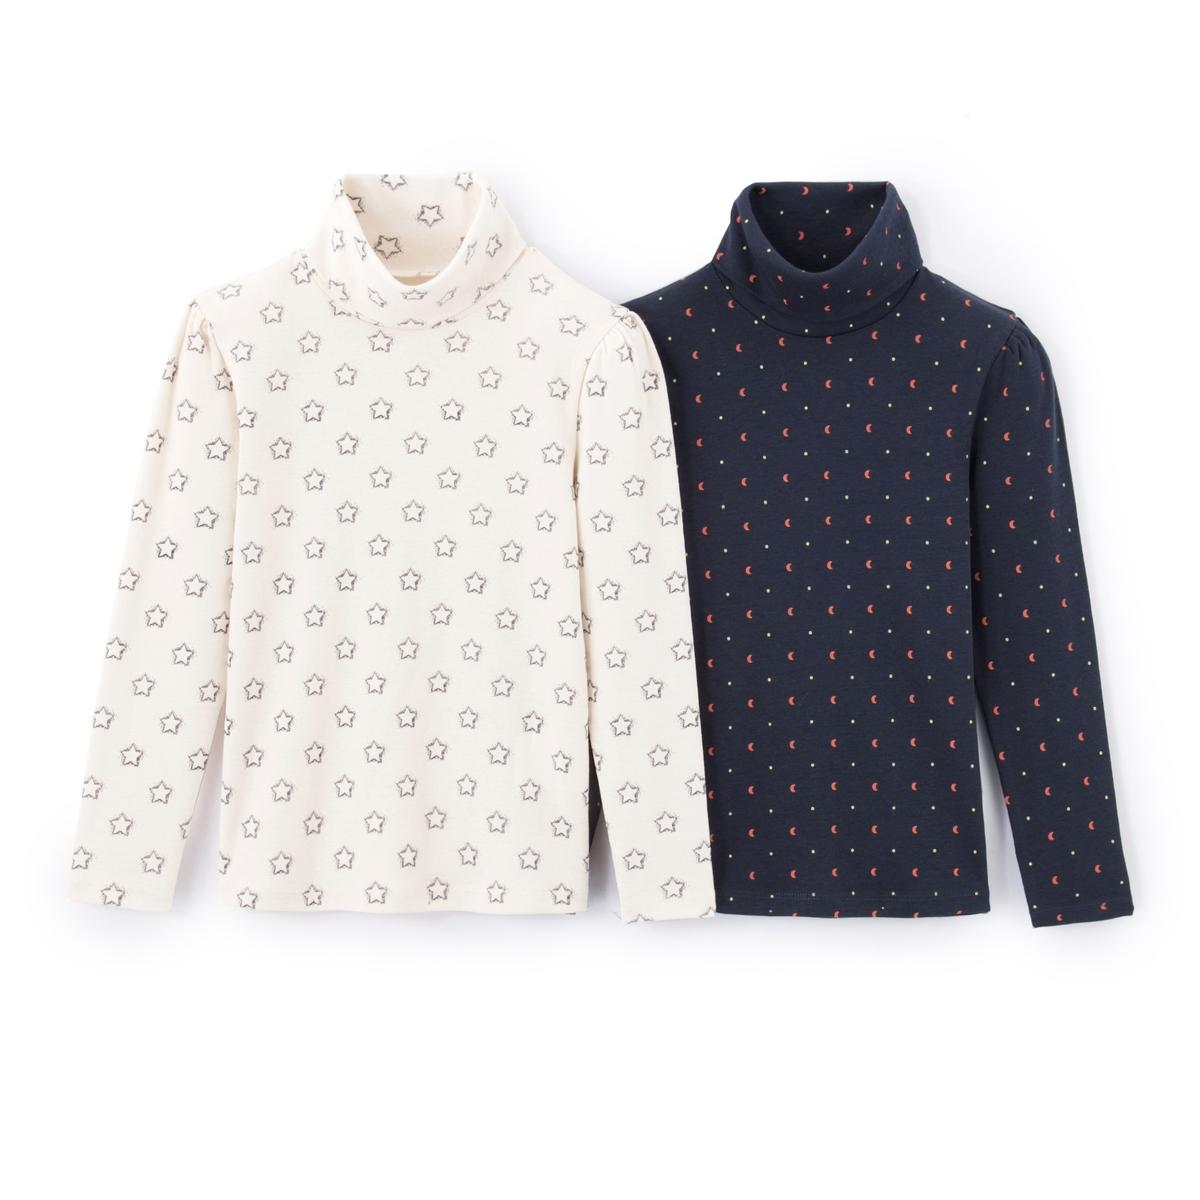 Комплект из тонких пуловеров с рисунком 3-12 лет